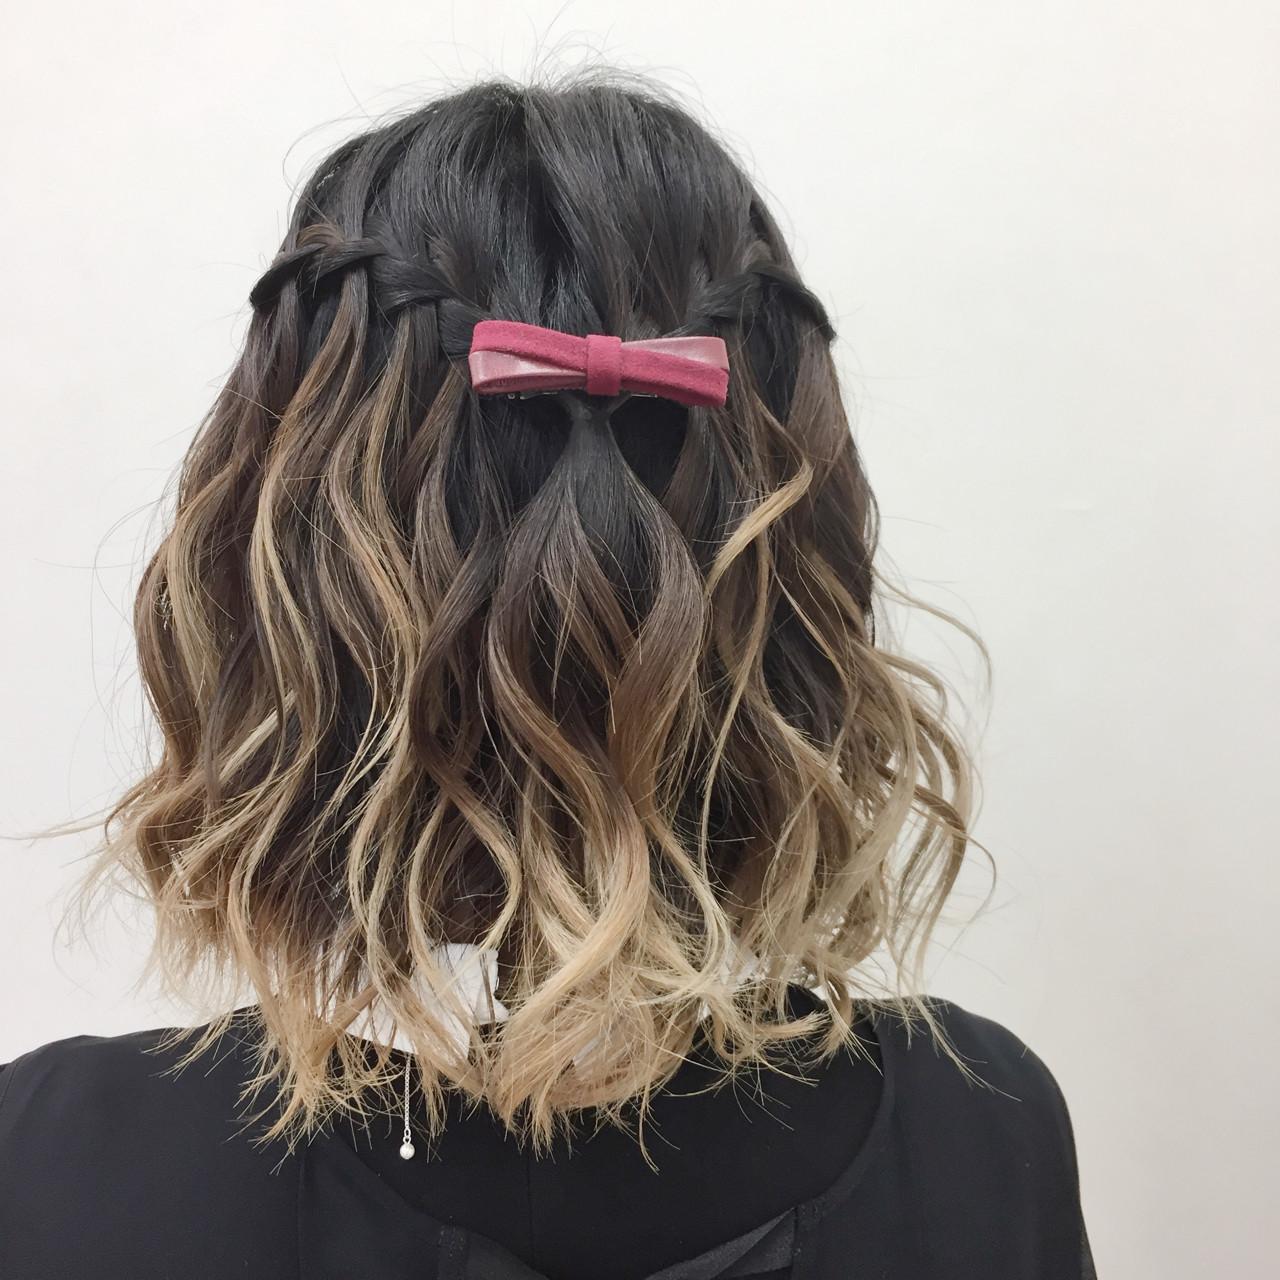 ウォーターフォール スパイラルパーマ グラデーションカラー ガーリー ヘアスタイルや髪型の写真・画像